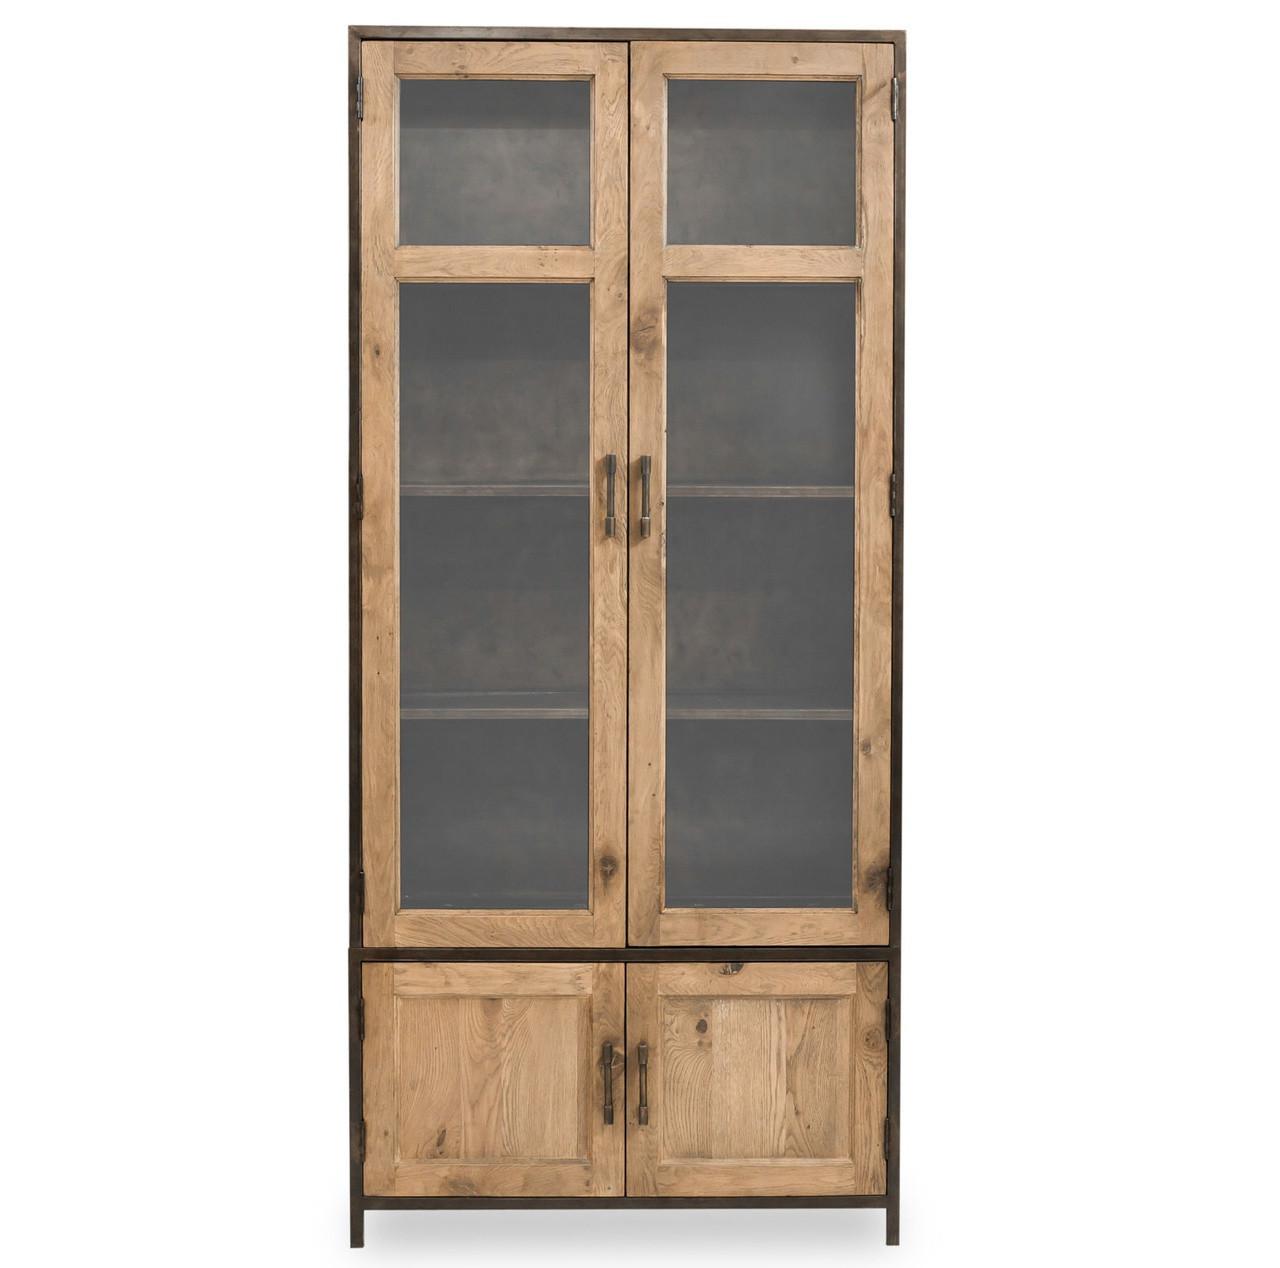 Dominic Industrial Metal + Oak Tall Cabinet with Glass Doors | Zin ...